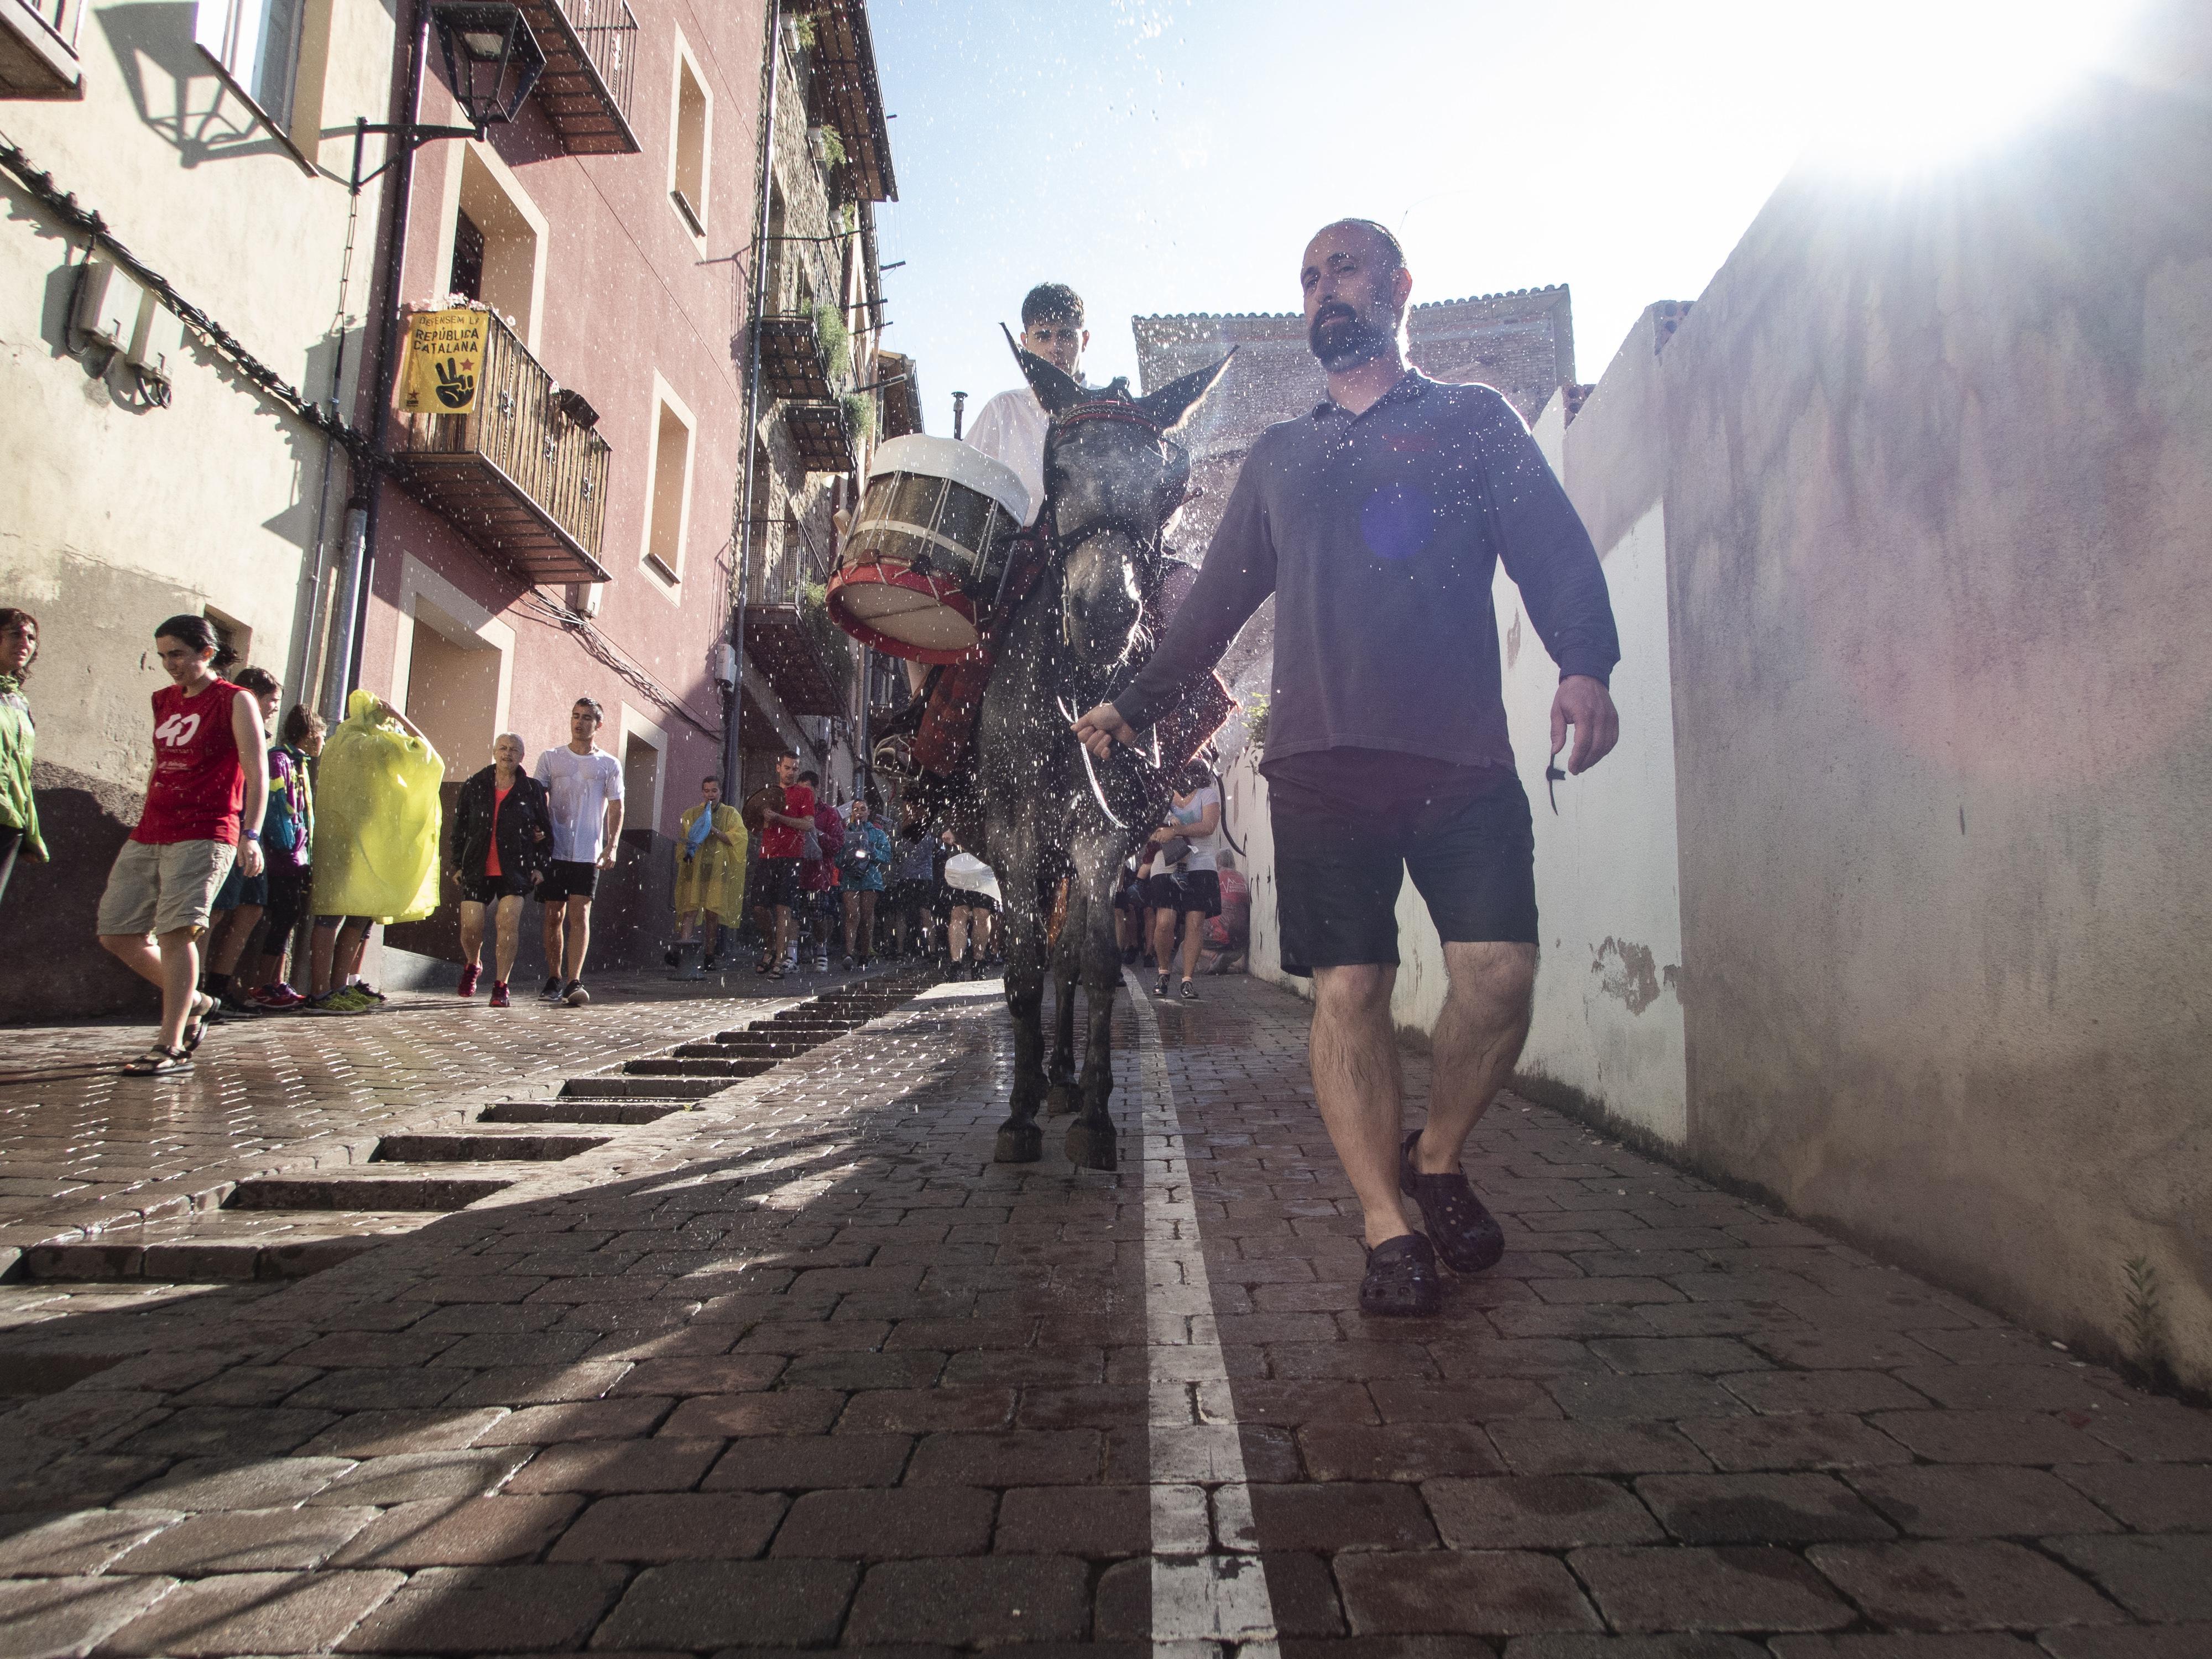 El tabaler baixant de la Plaça de Santa Magdalena. FOTO: Anna E. Puig